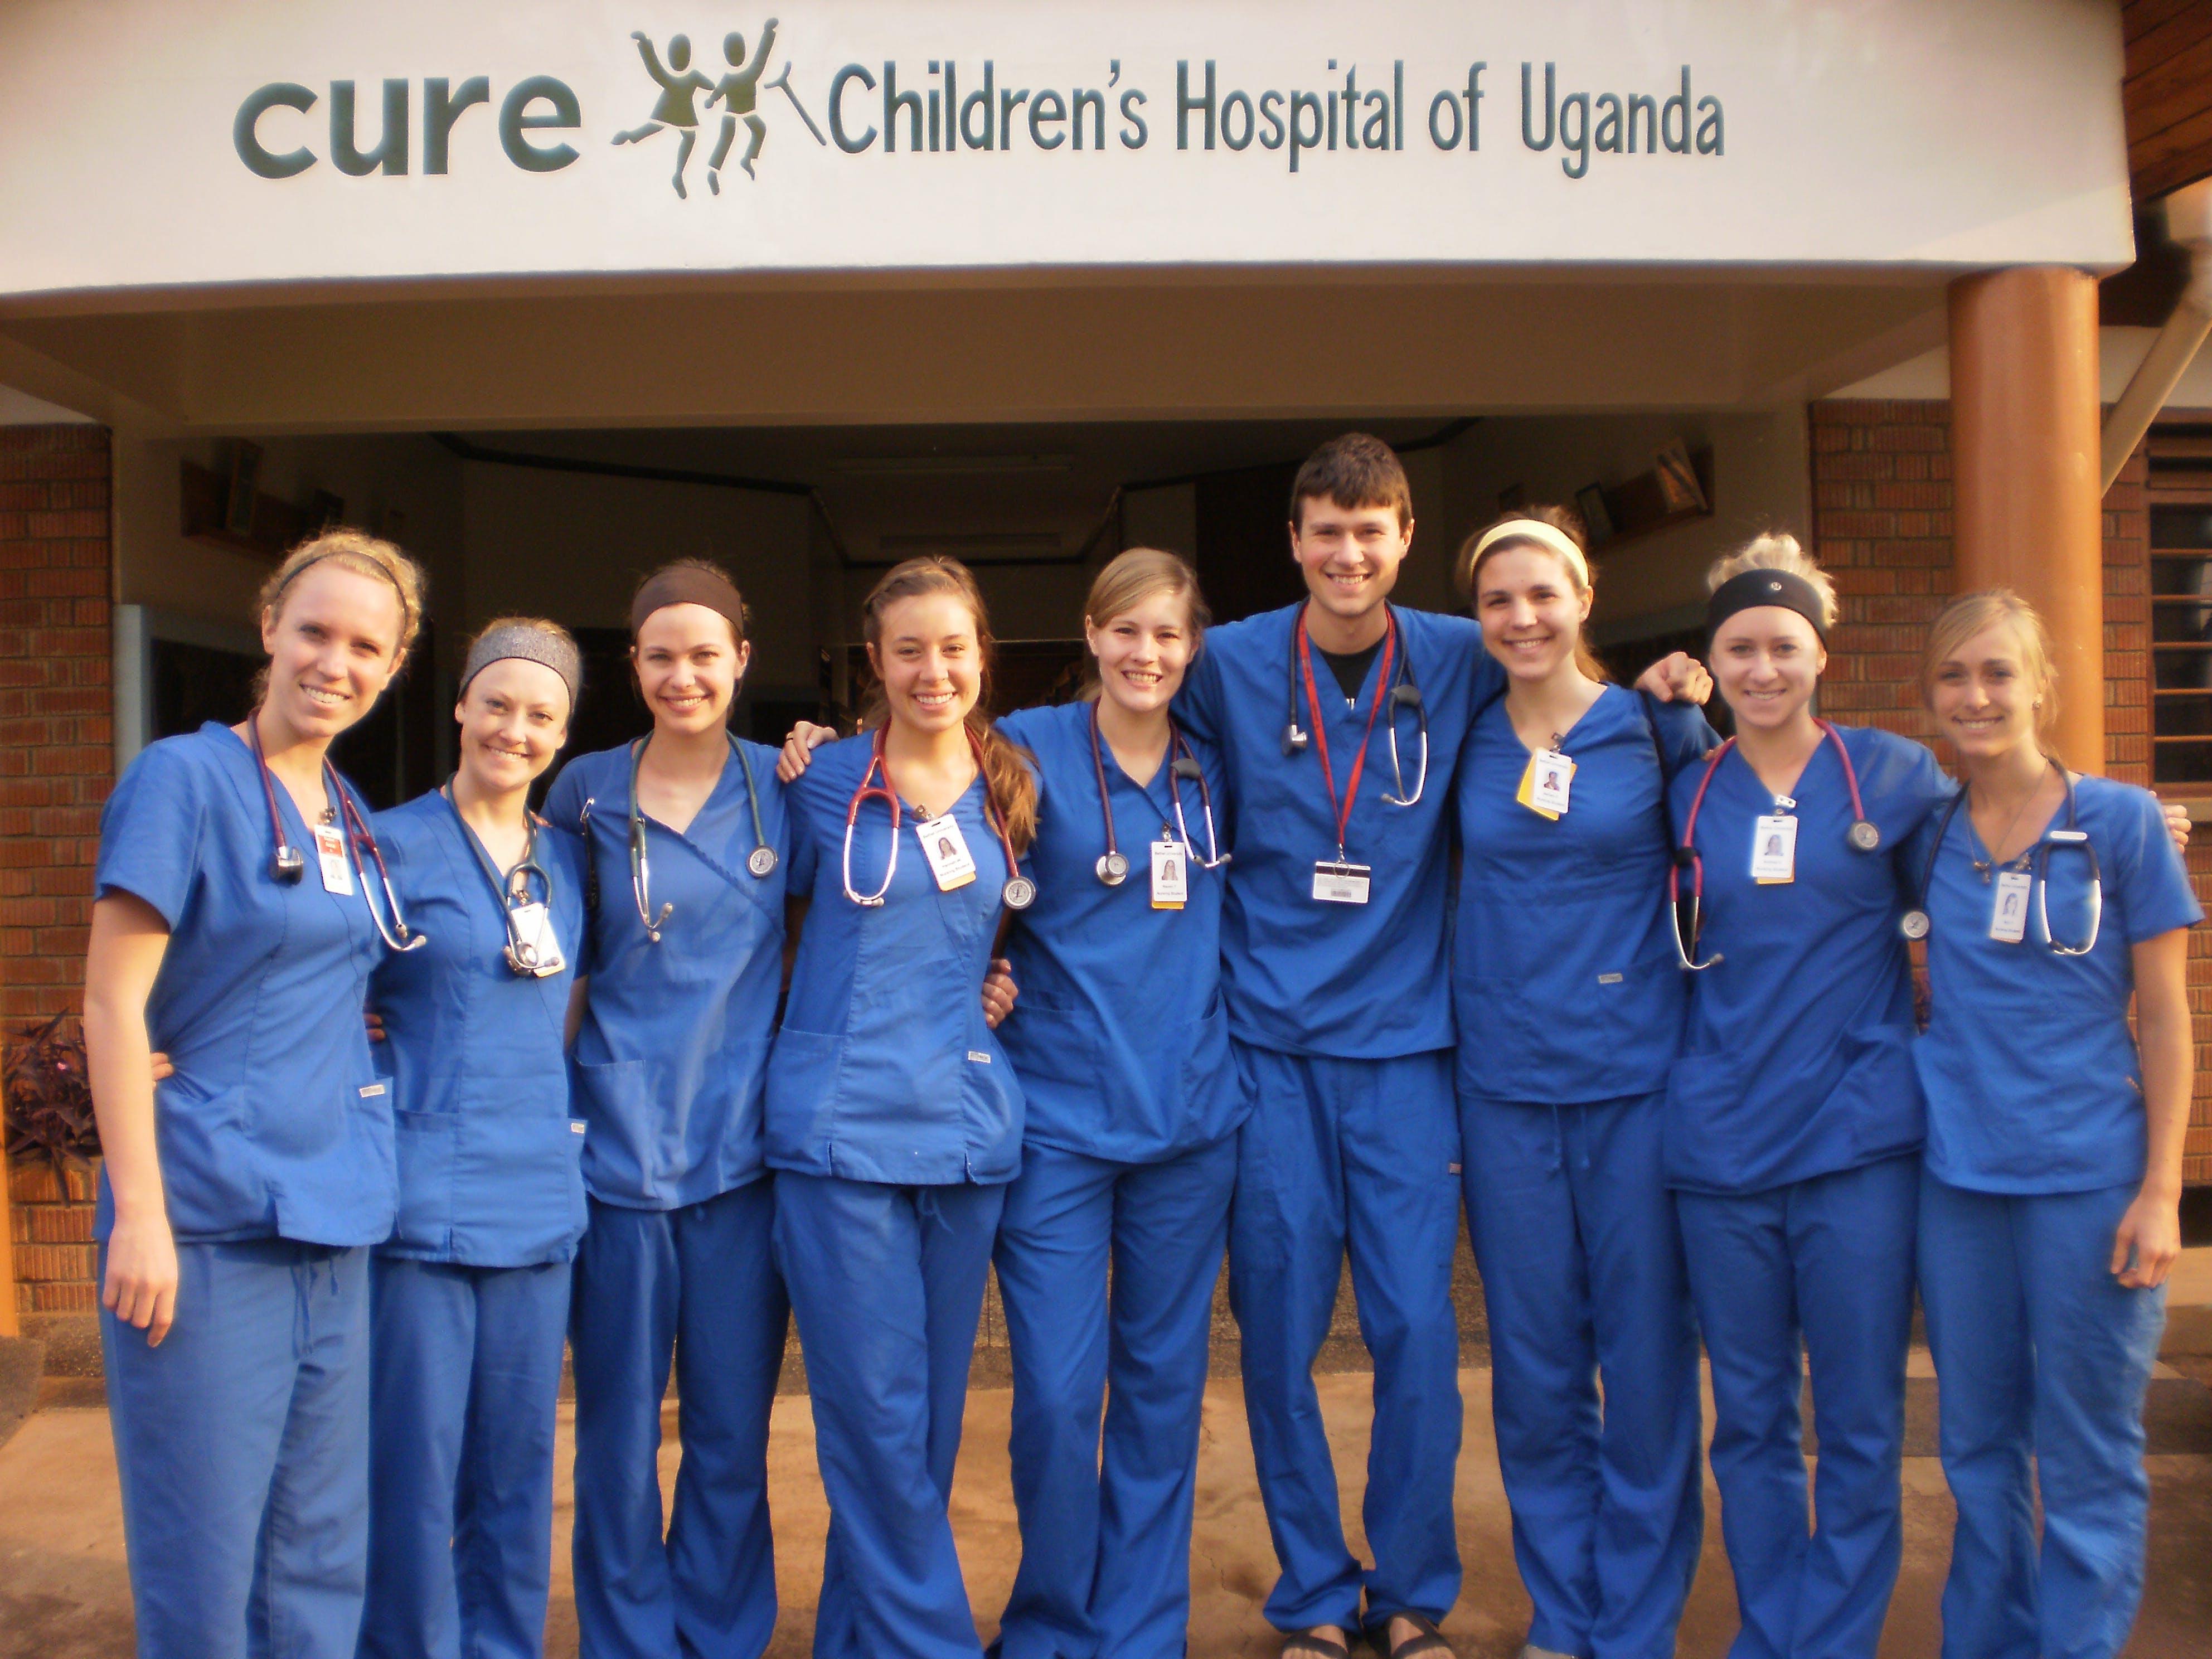 Alumni Reunite for Good Cause